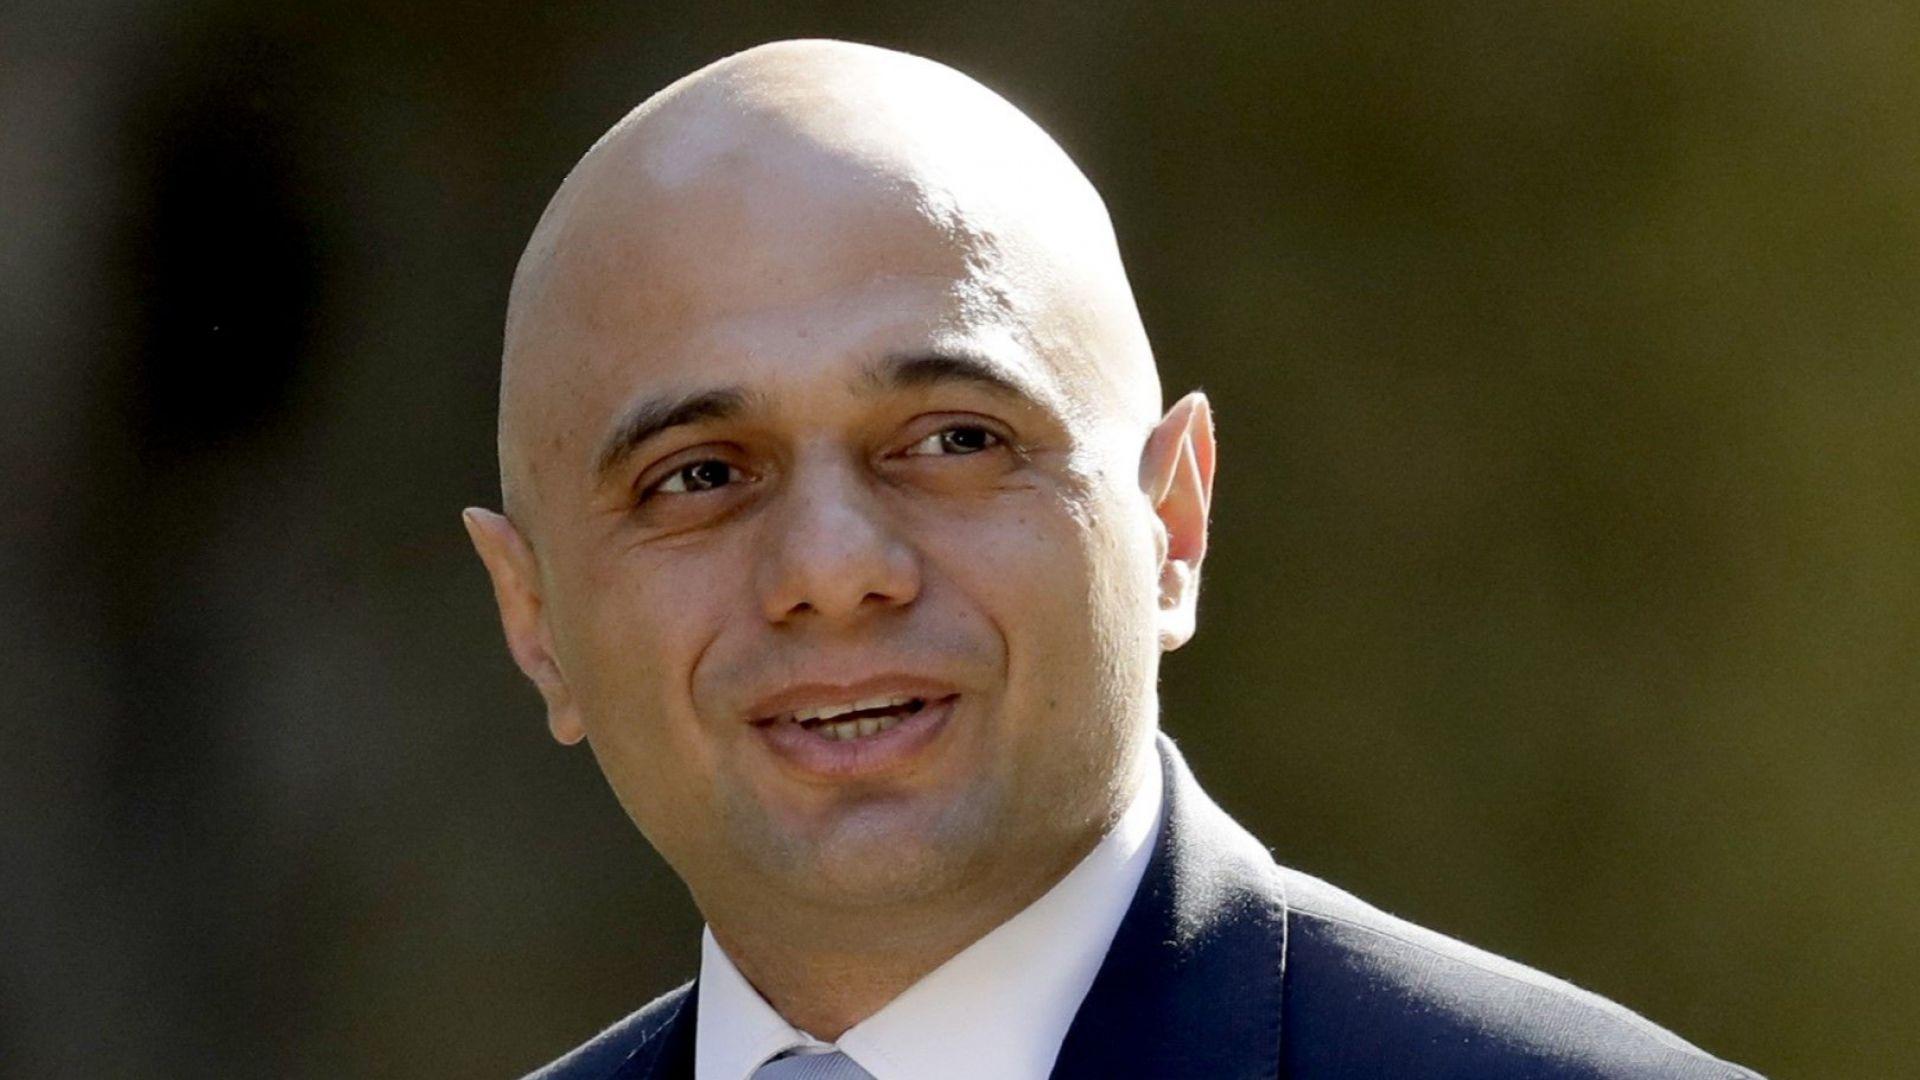 В UK искат разследване на финансовия министър Джавид за работата му в Дойче банк